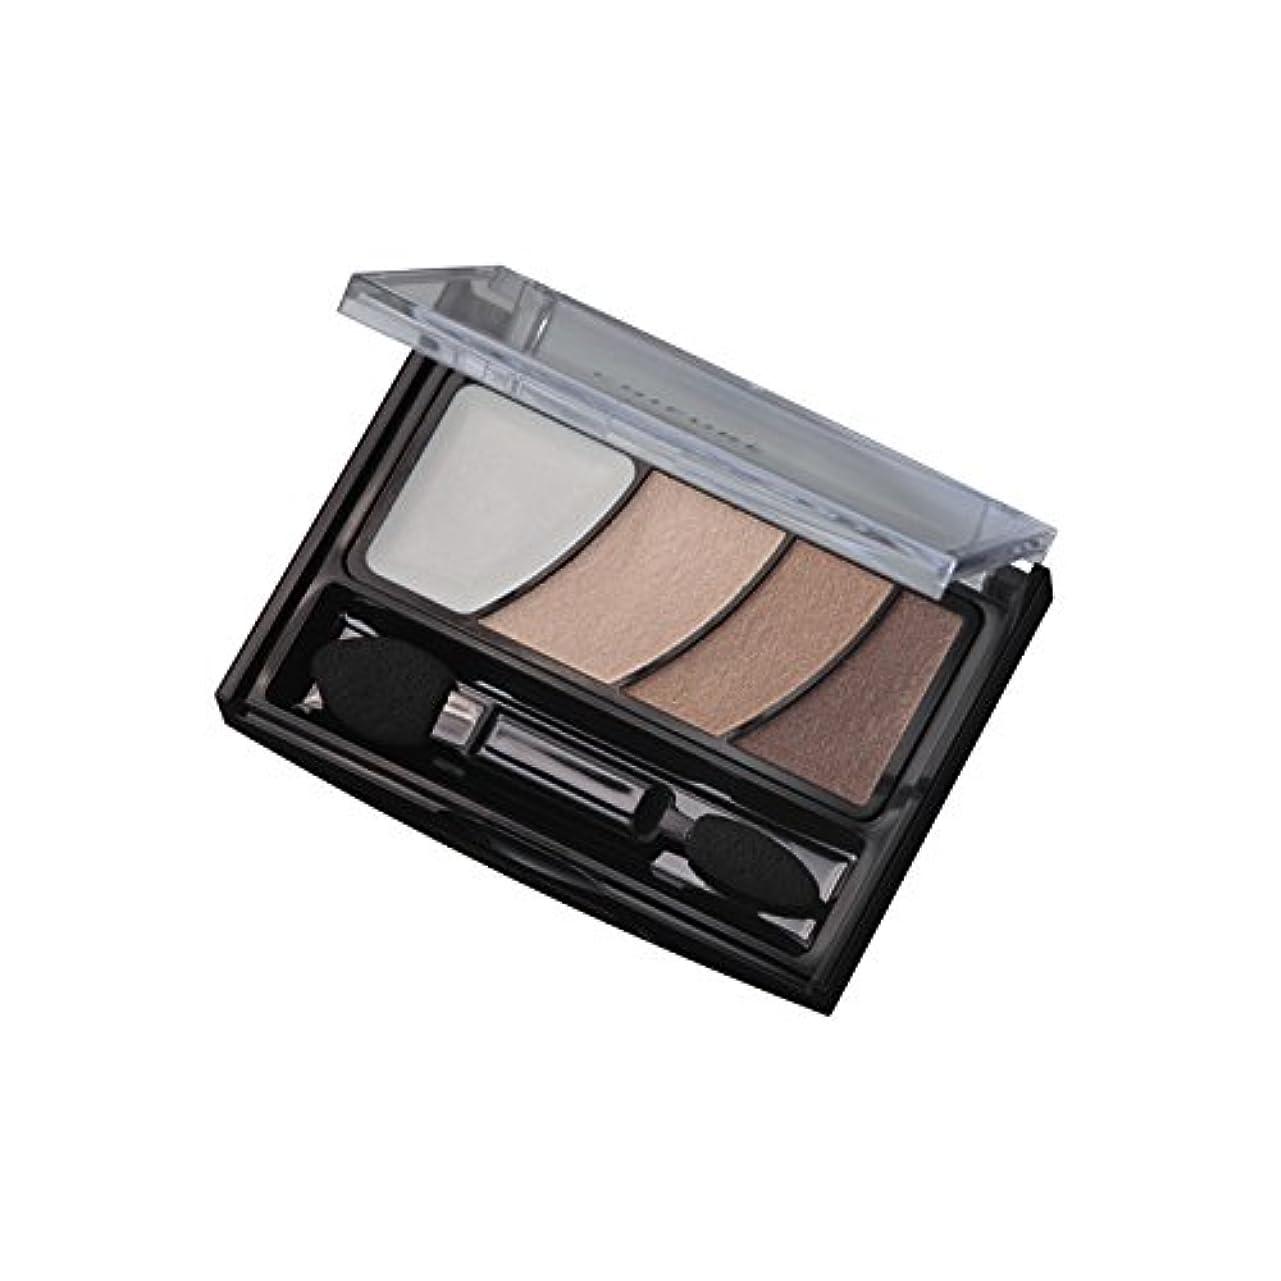 見積り本部理解するちふれ化粧品 グラデーション アイ カラー(チップ付) 74 ブラウン系 アイカラー74